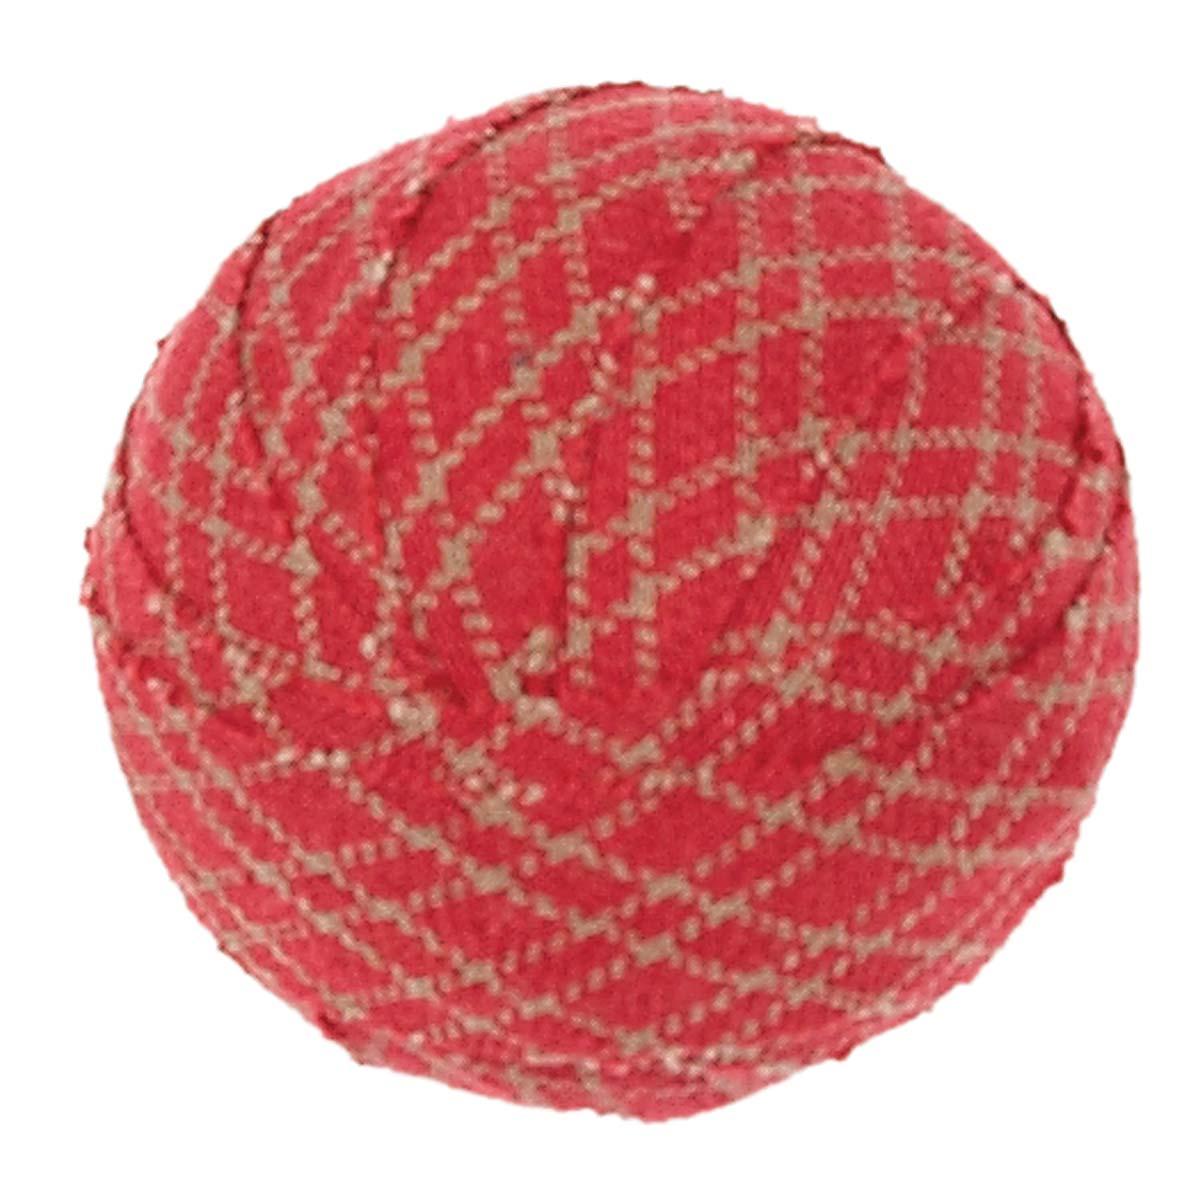 Tacoma Fabric Ball #2-1.5